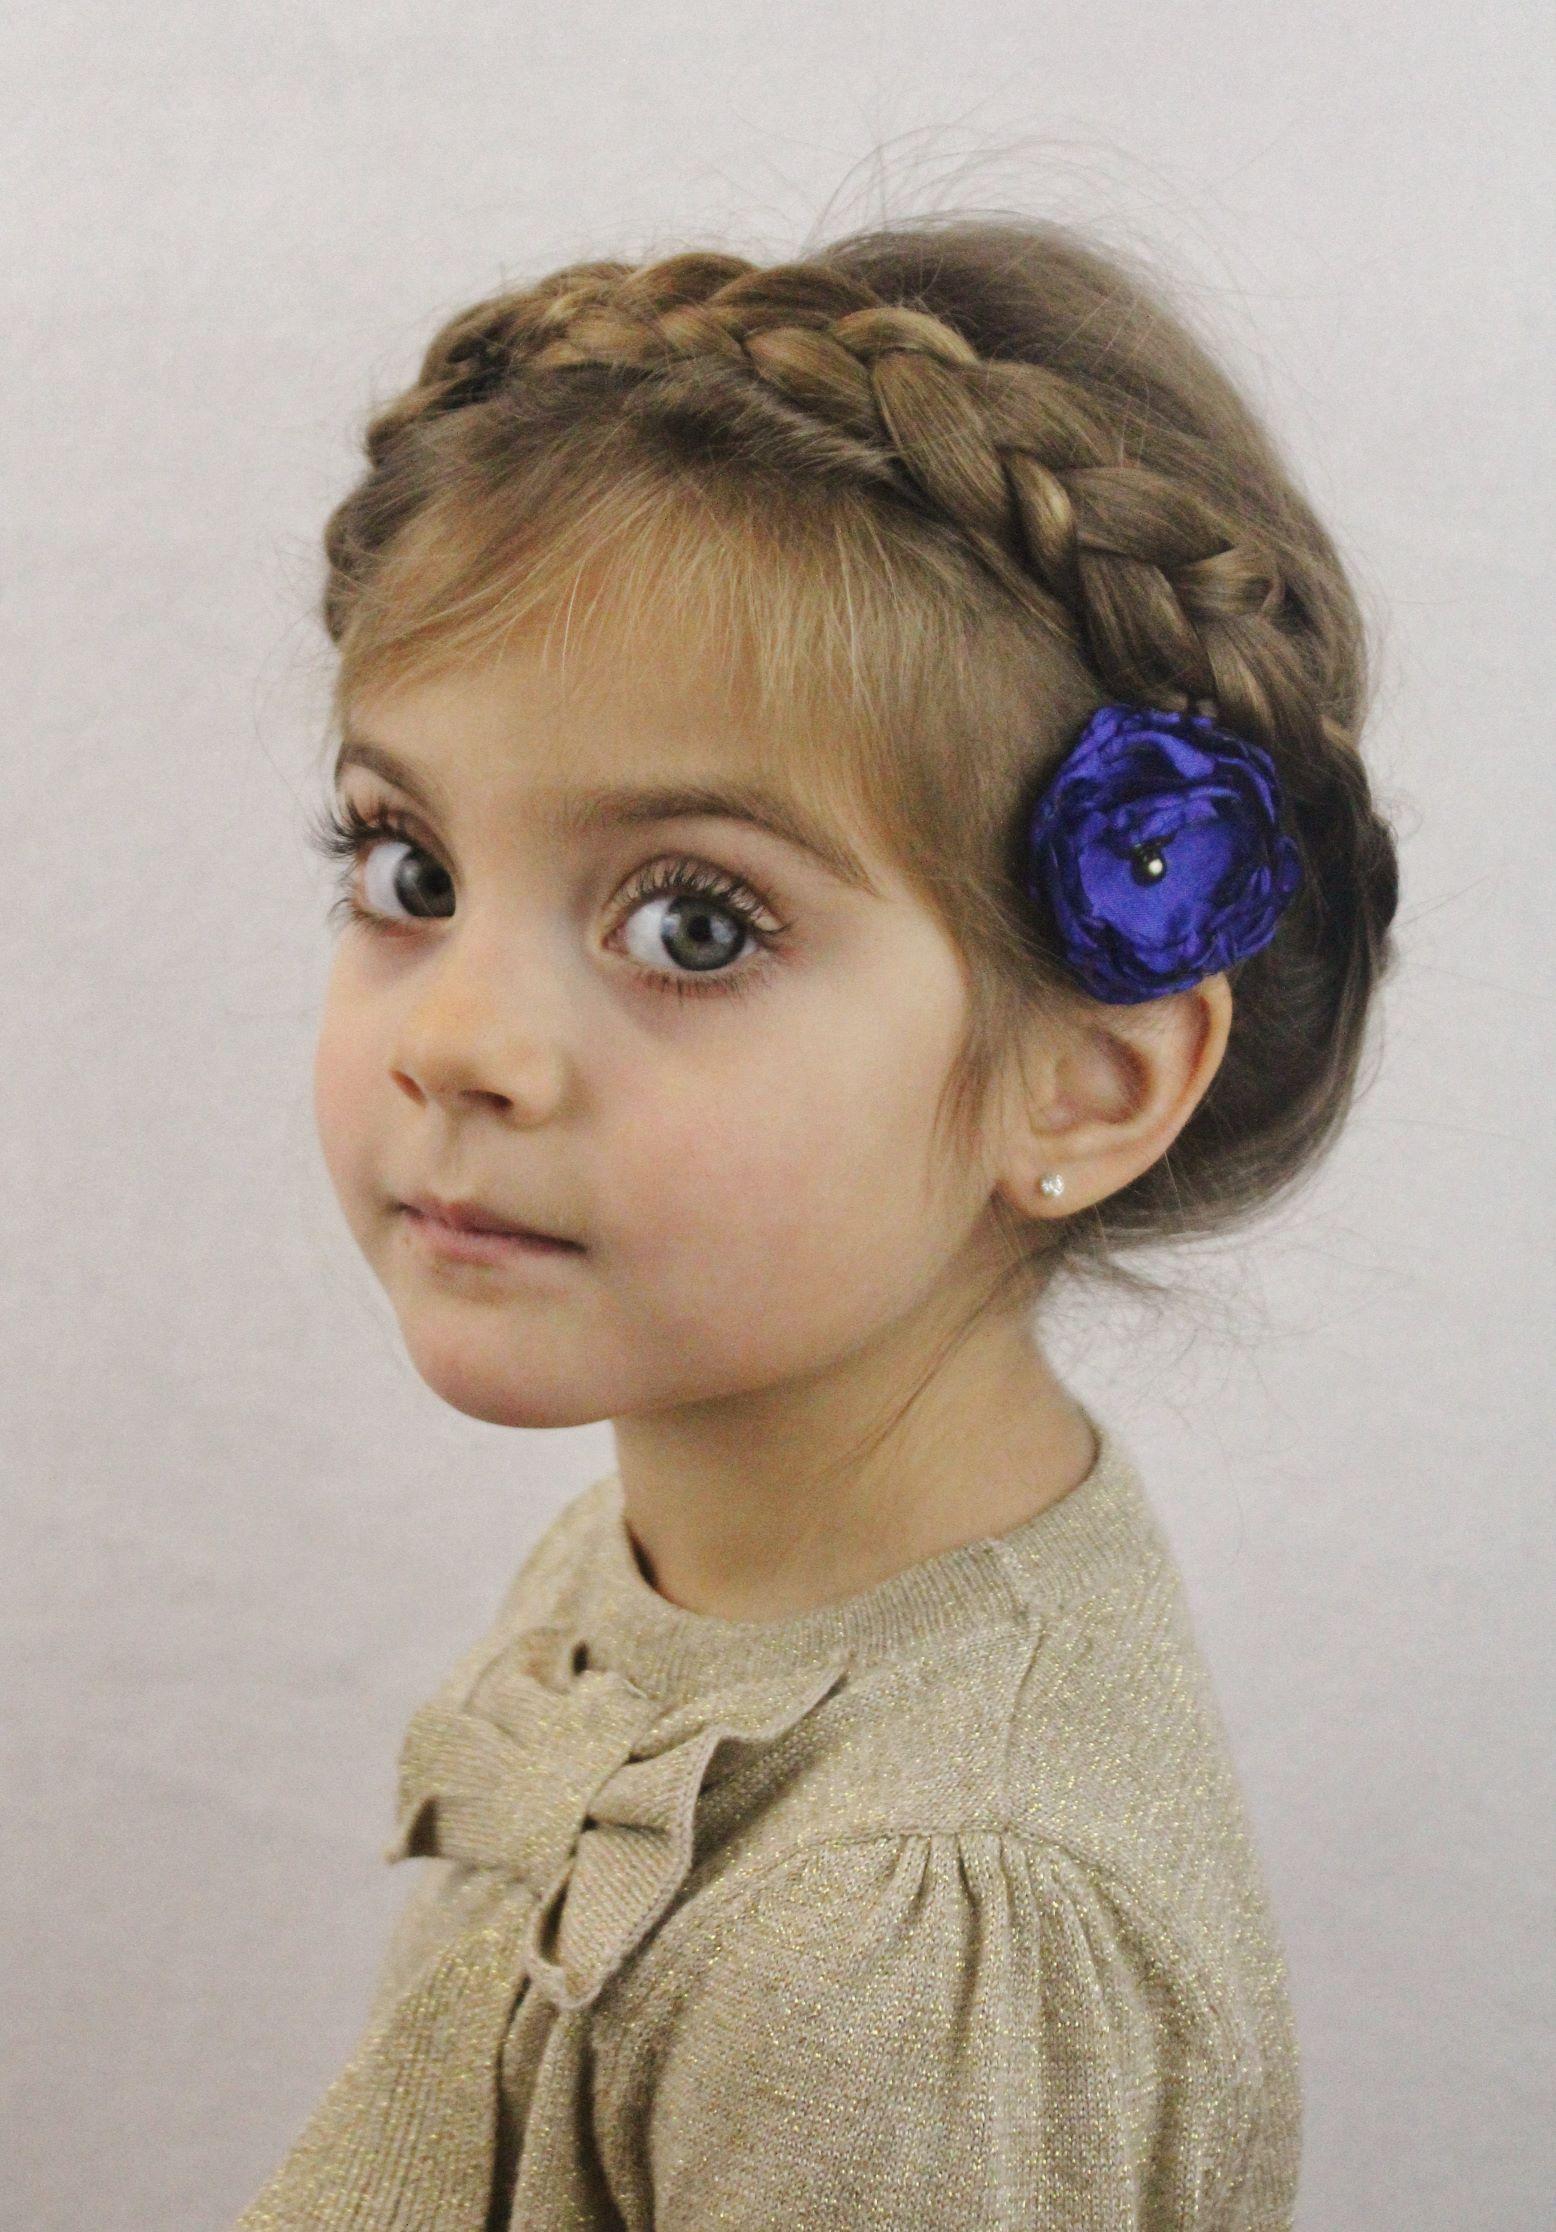 Silvesterparty-Frisuren für Mädchen  Frisur kinder mädchen